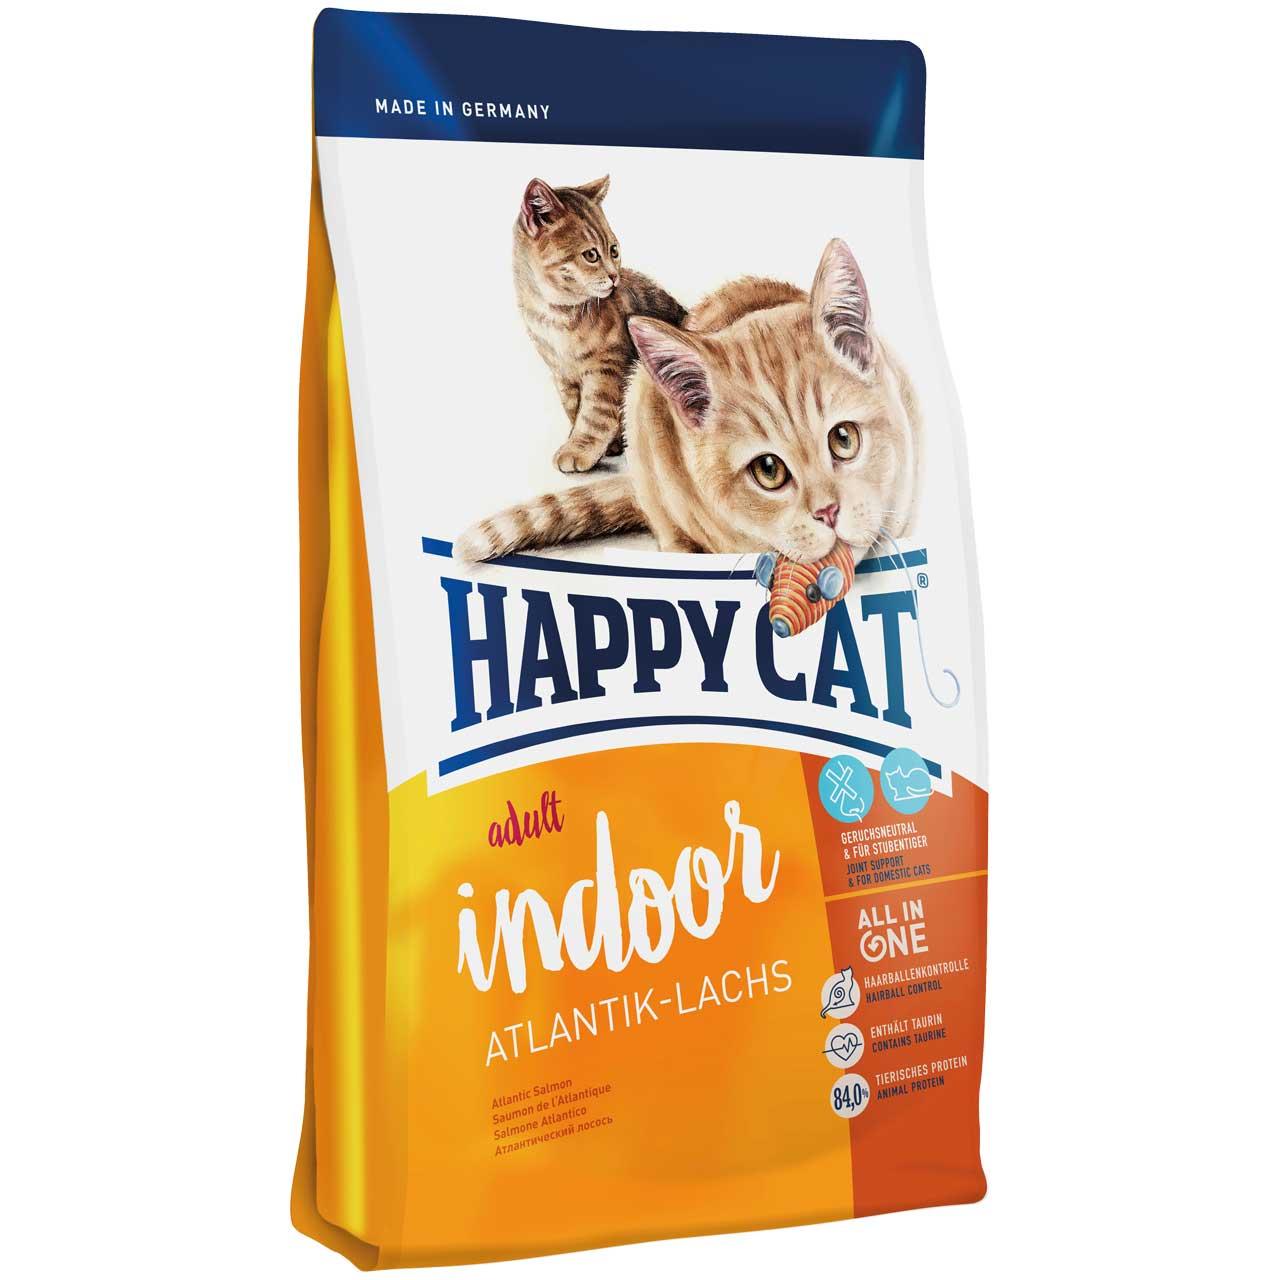 غذای خشک گربه بالغ هپی کت مدل ایندور 10 کیلوگرم